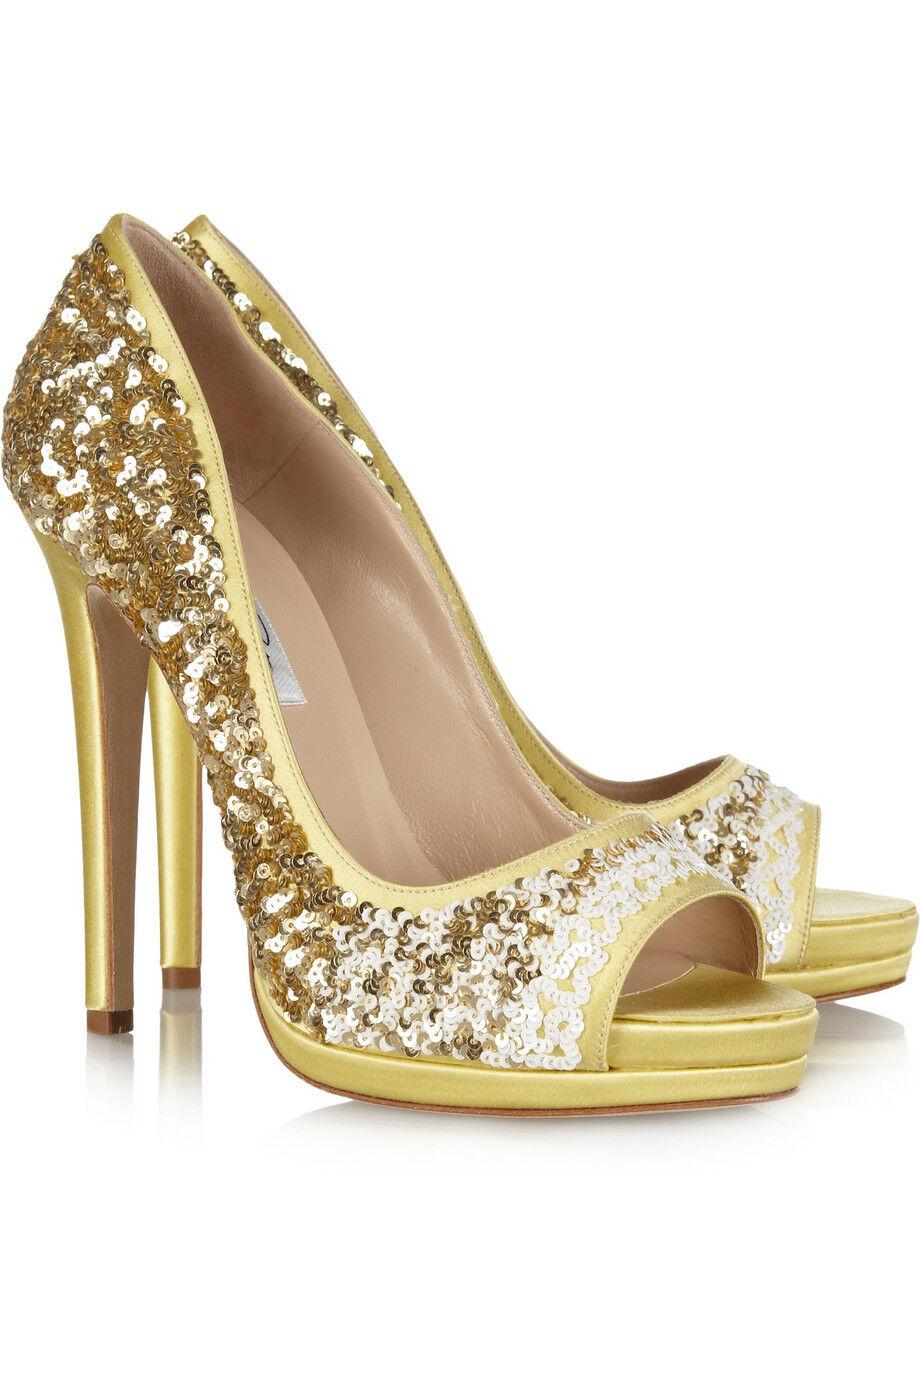 Nuevo Oscar Oscar Oscar de la Renta Plataforma Valerie Lentejuelas Satén Amarillo Zapatos  el mas reciente